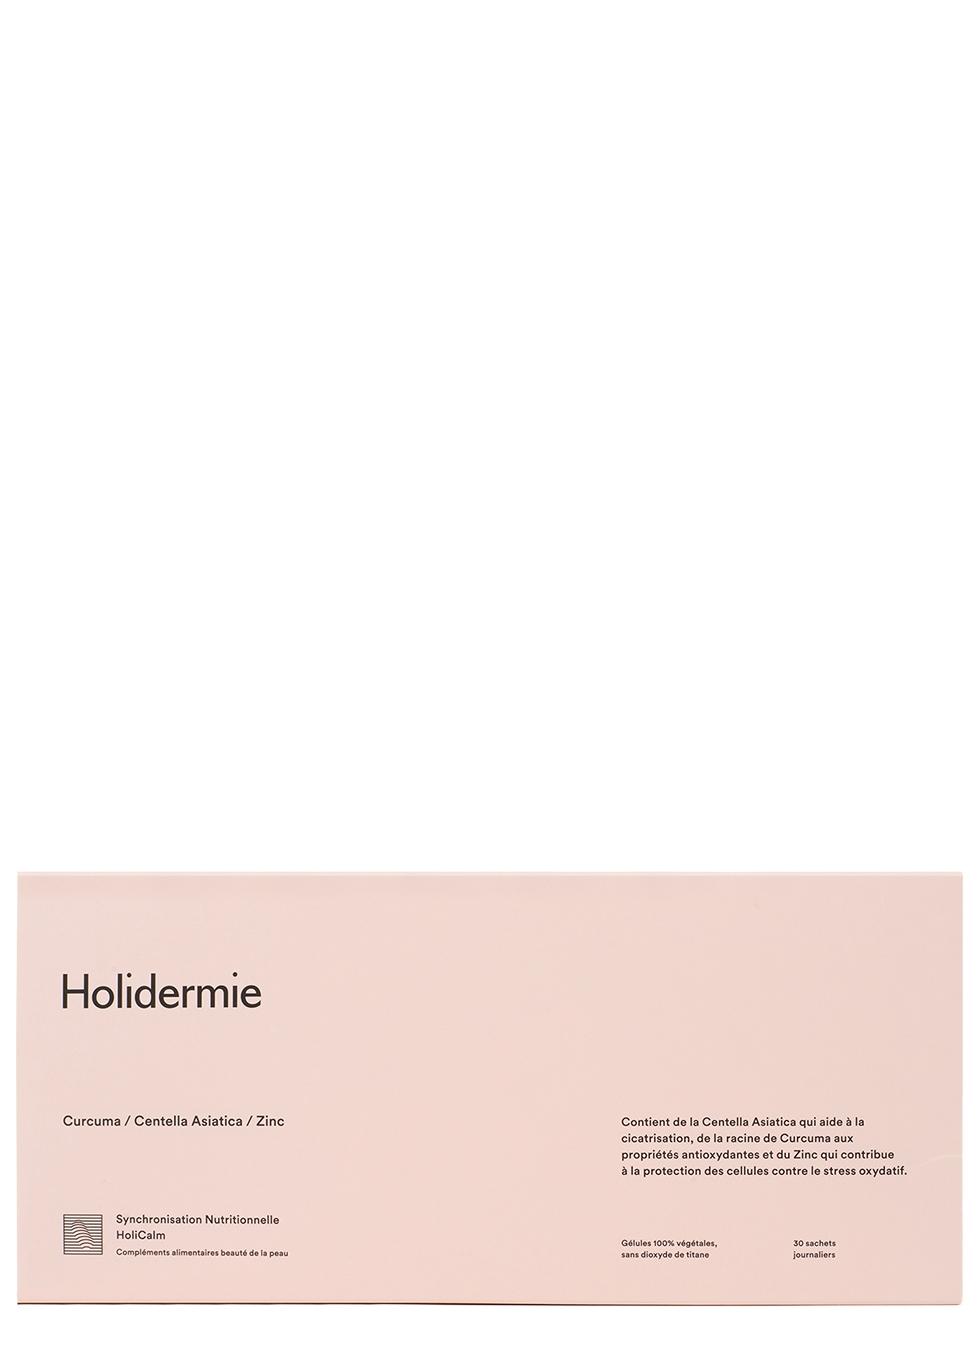 HoliCalm